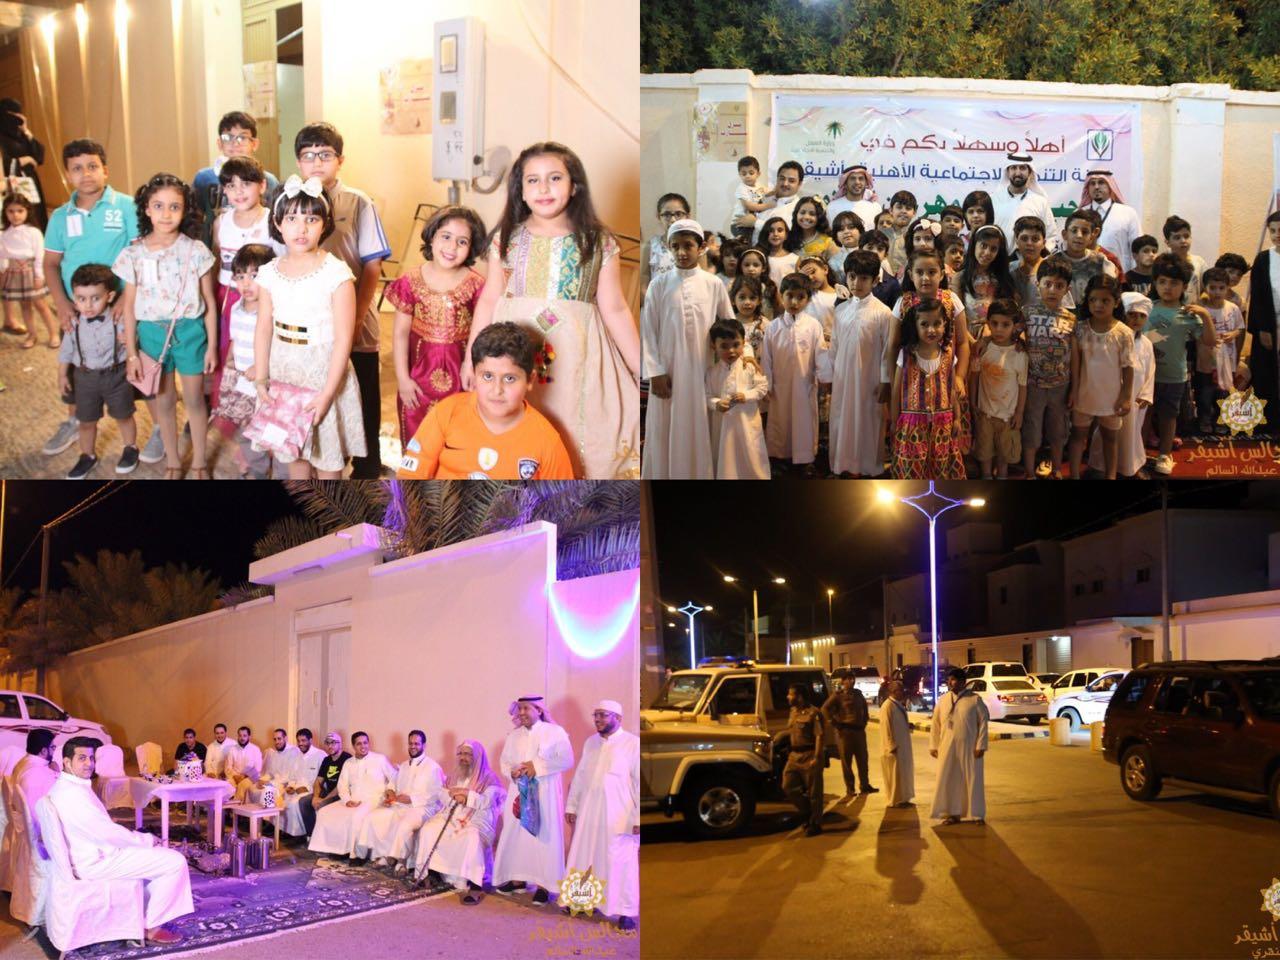 صورة بمشاركة 39 منزل أشيقر تستقبل العيد بمهرجان الحلاوي